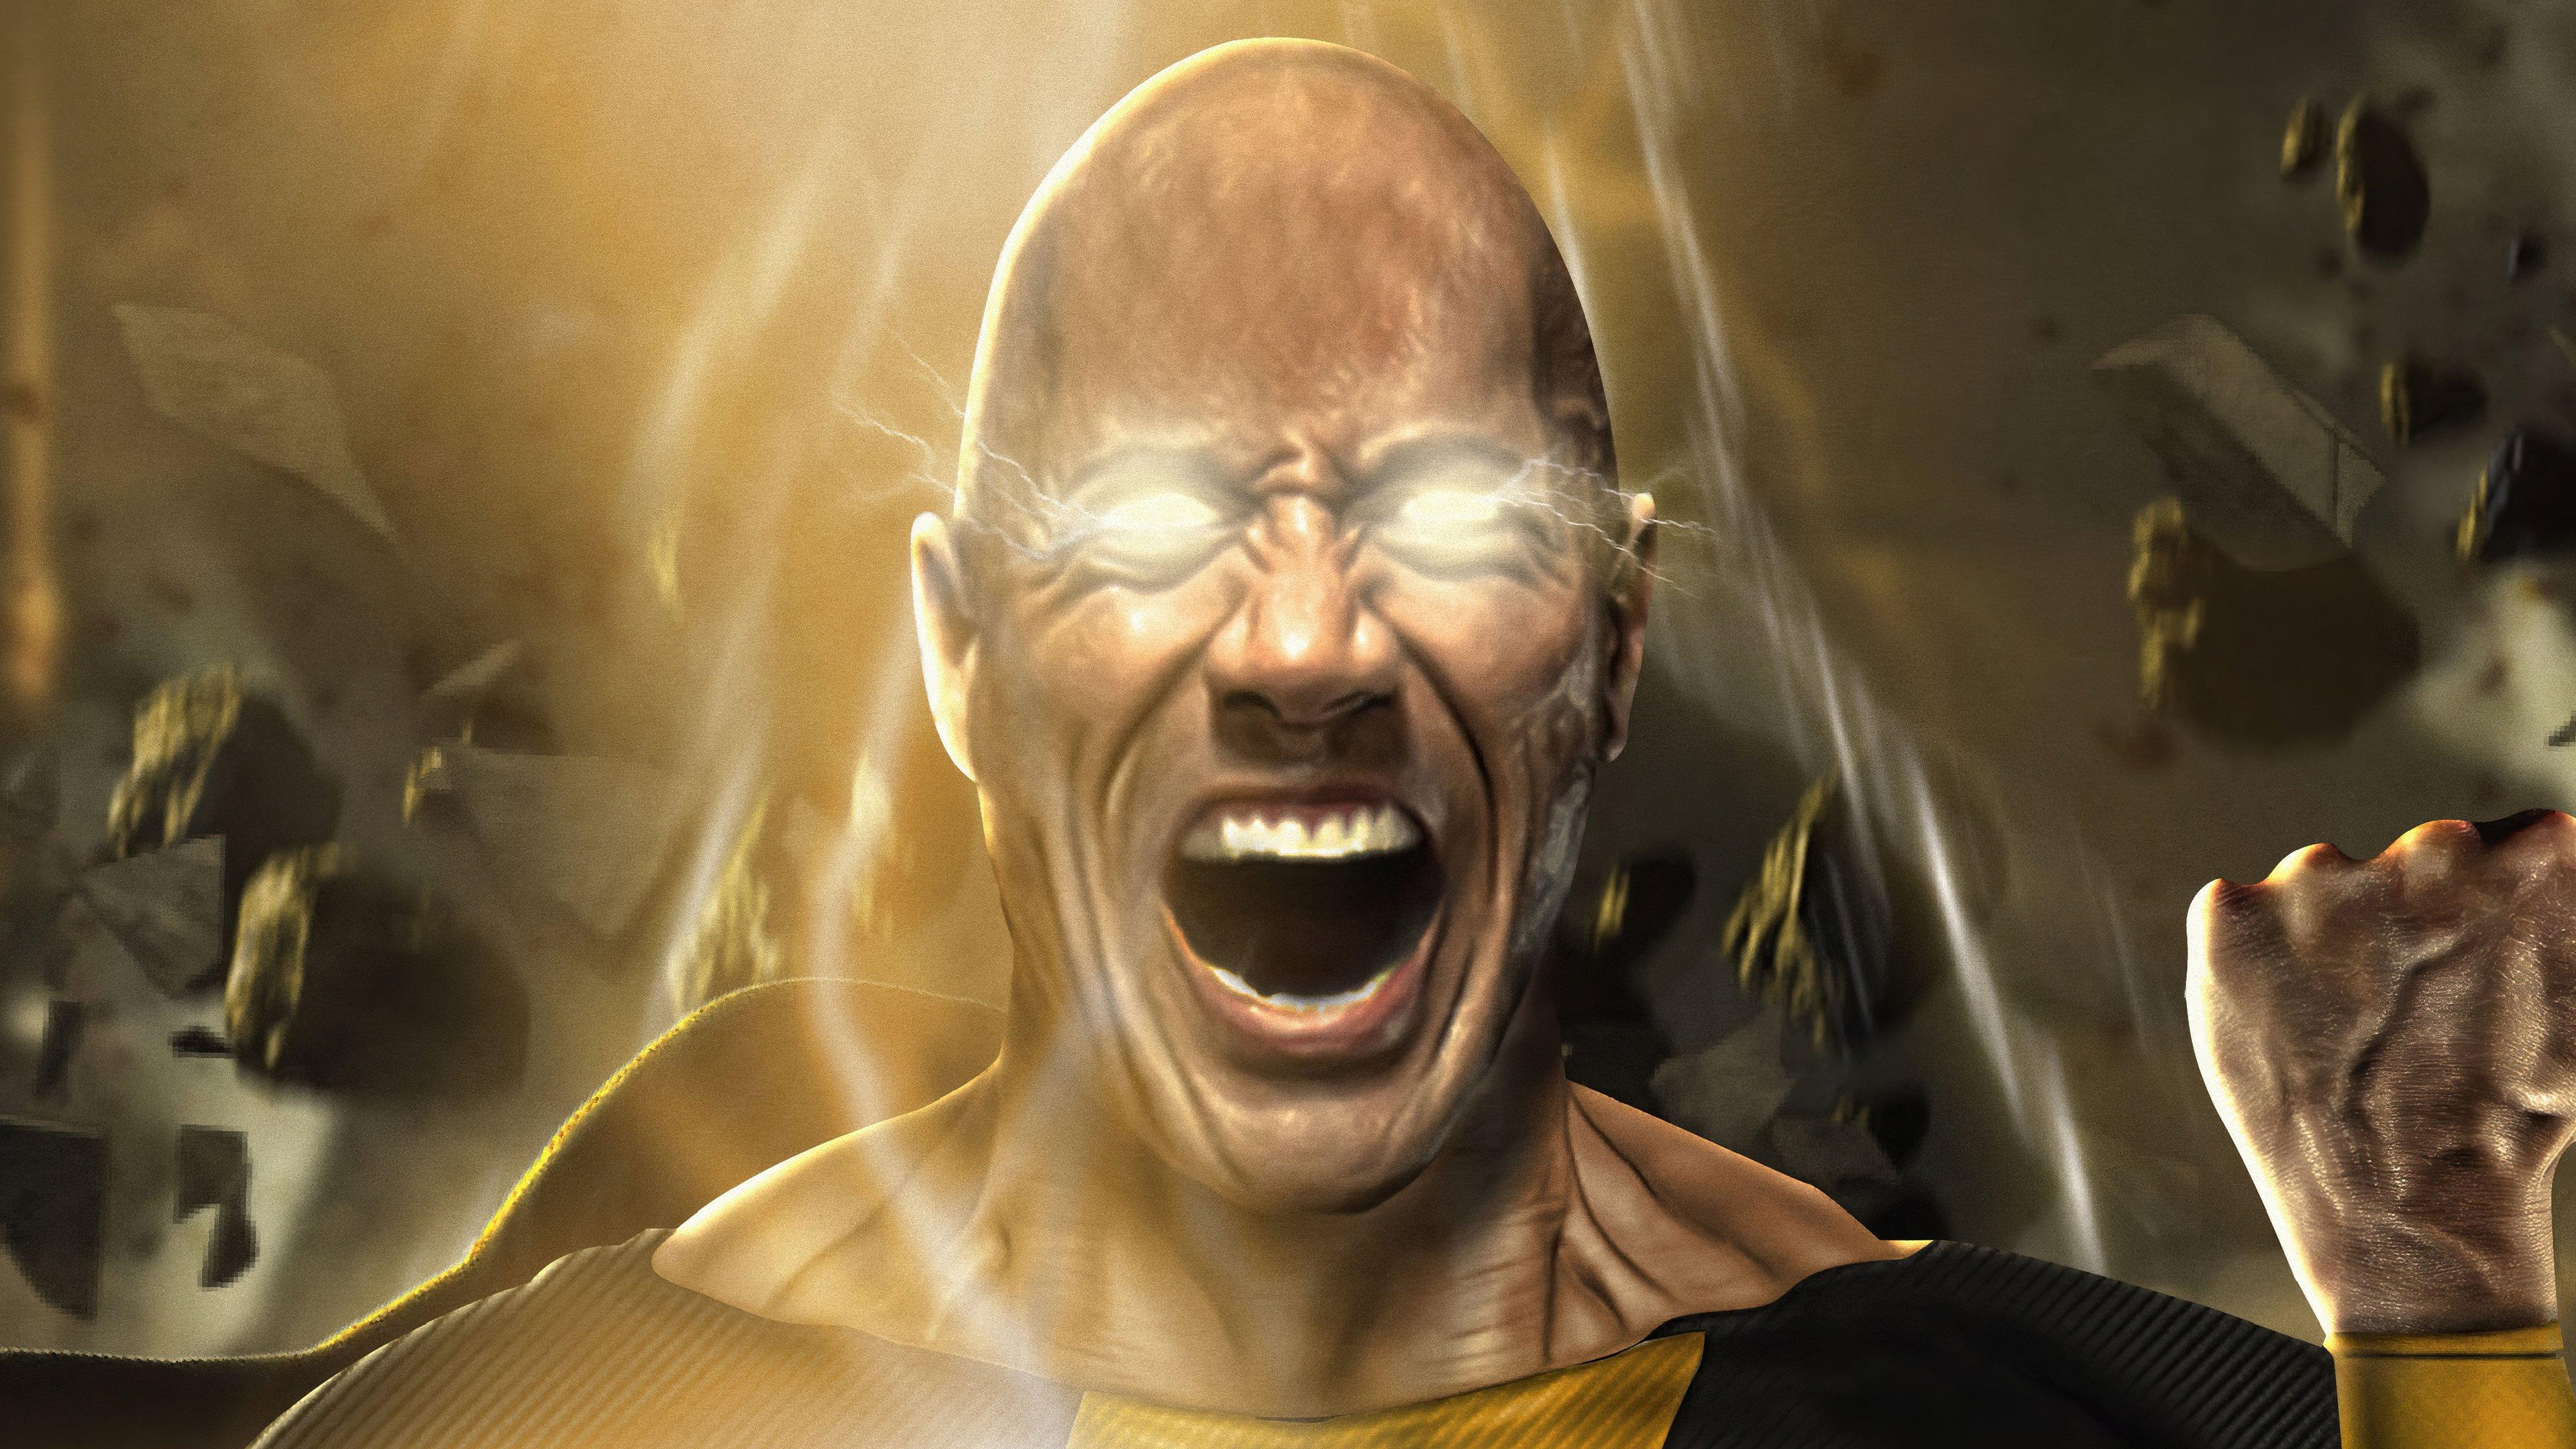 Fondos de pantalla La Roca como Black Adam gritando